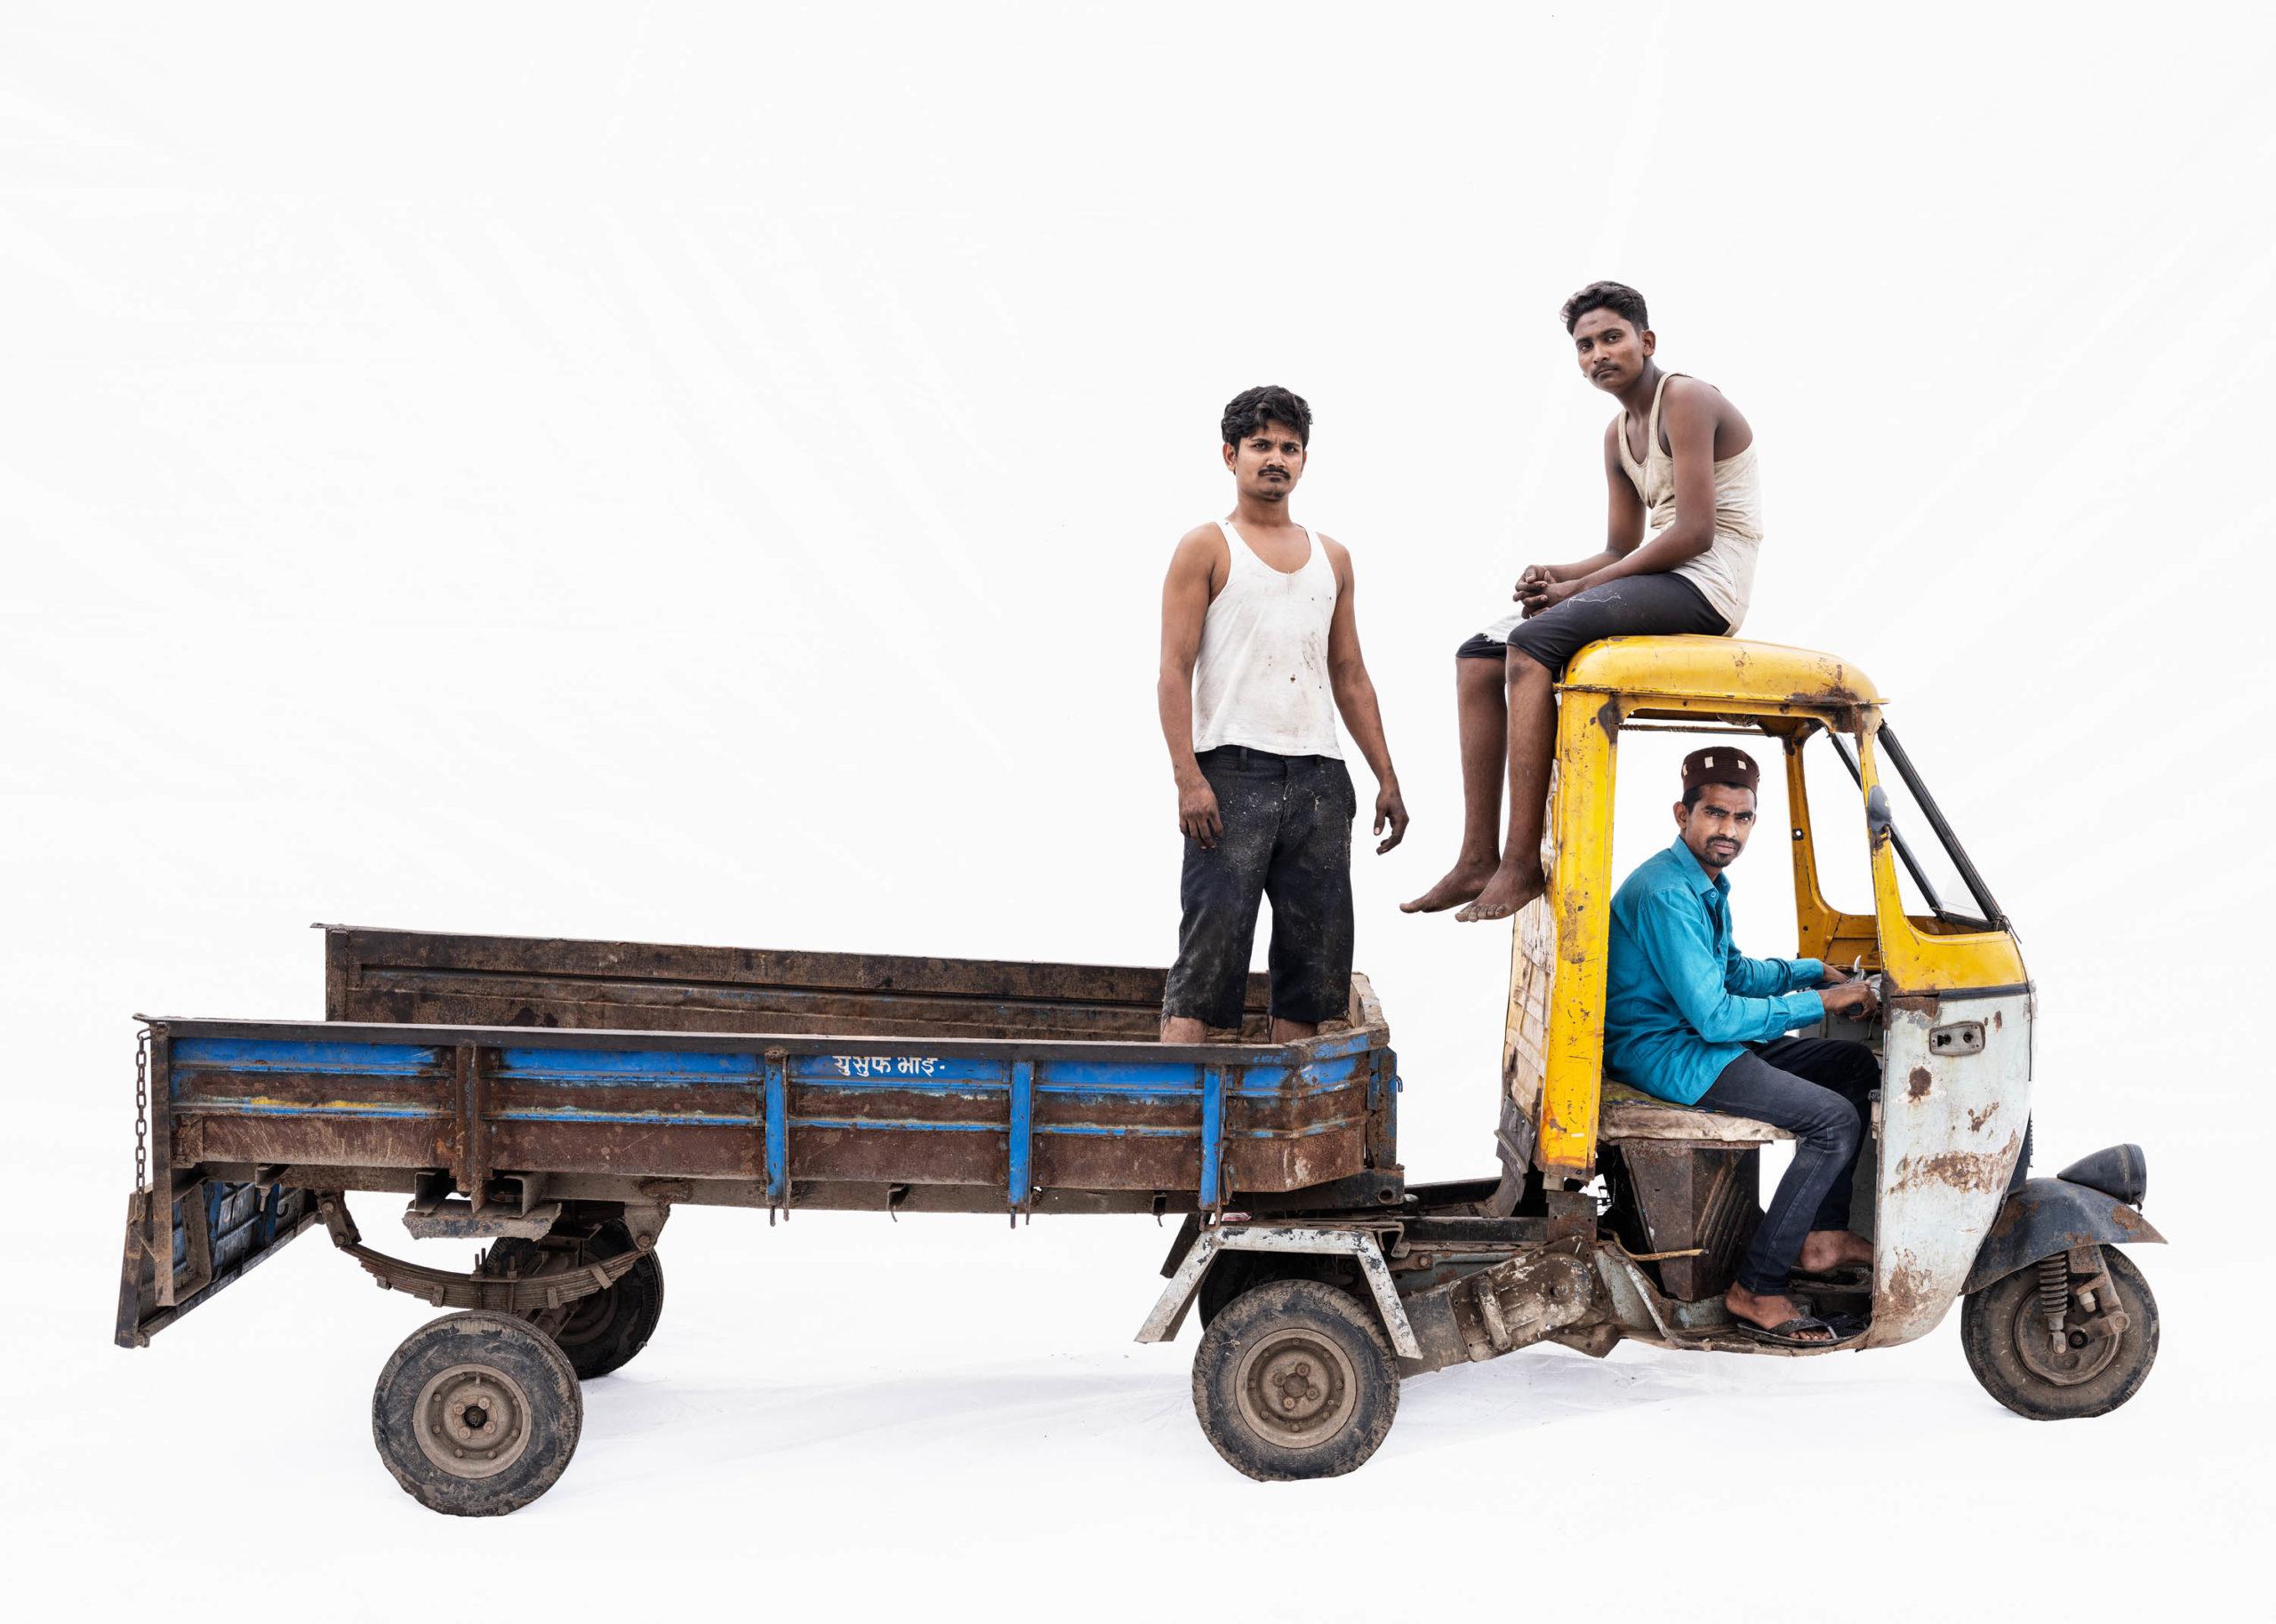 Bajaj autorickshaw #5; Mohammad Aslam, Mohammad Bhaijan, Sabir Shaikh (Malegaon, Maharashtra)